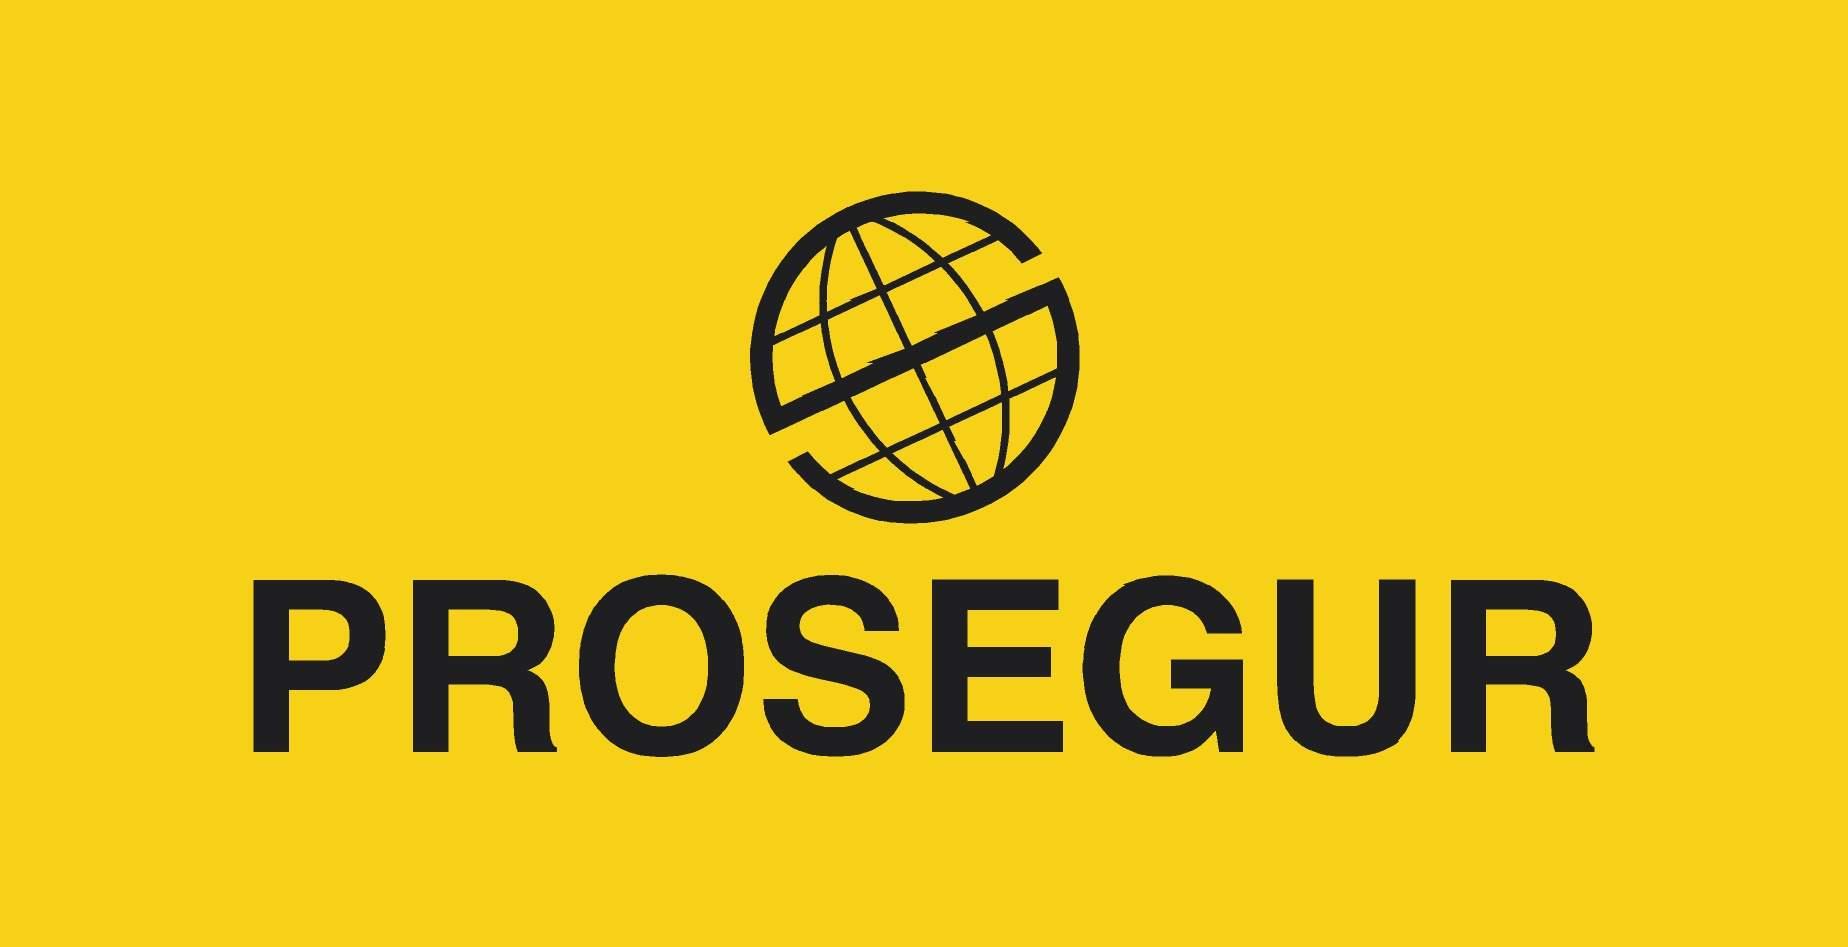 Se parte del equipo Prosegur0 (0)